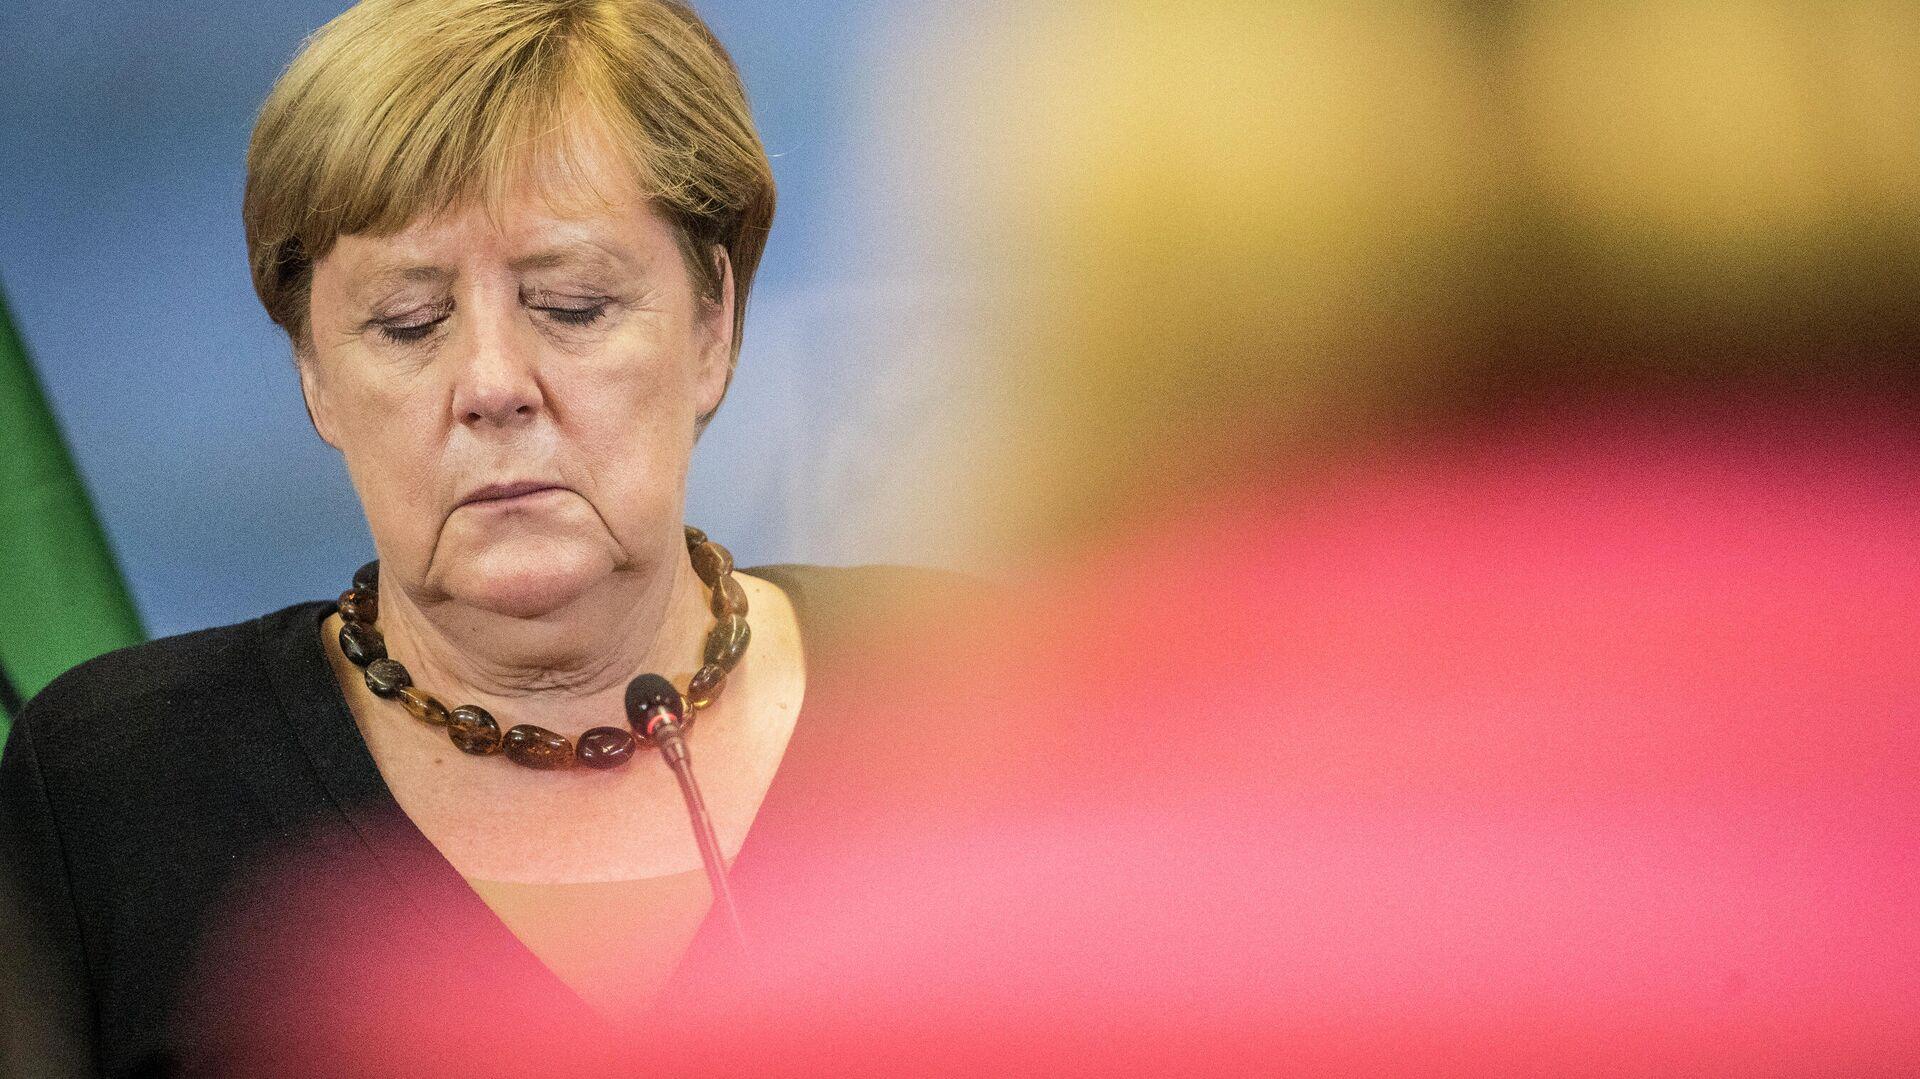 Ангела Меркель с закрытыми глазами на пресс-конференции - Sputnik Грузия, 1920, 06.09.2021